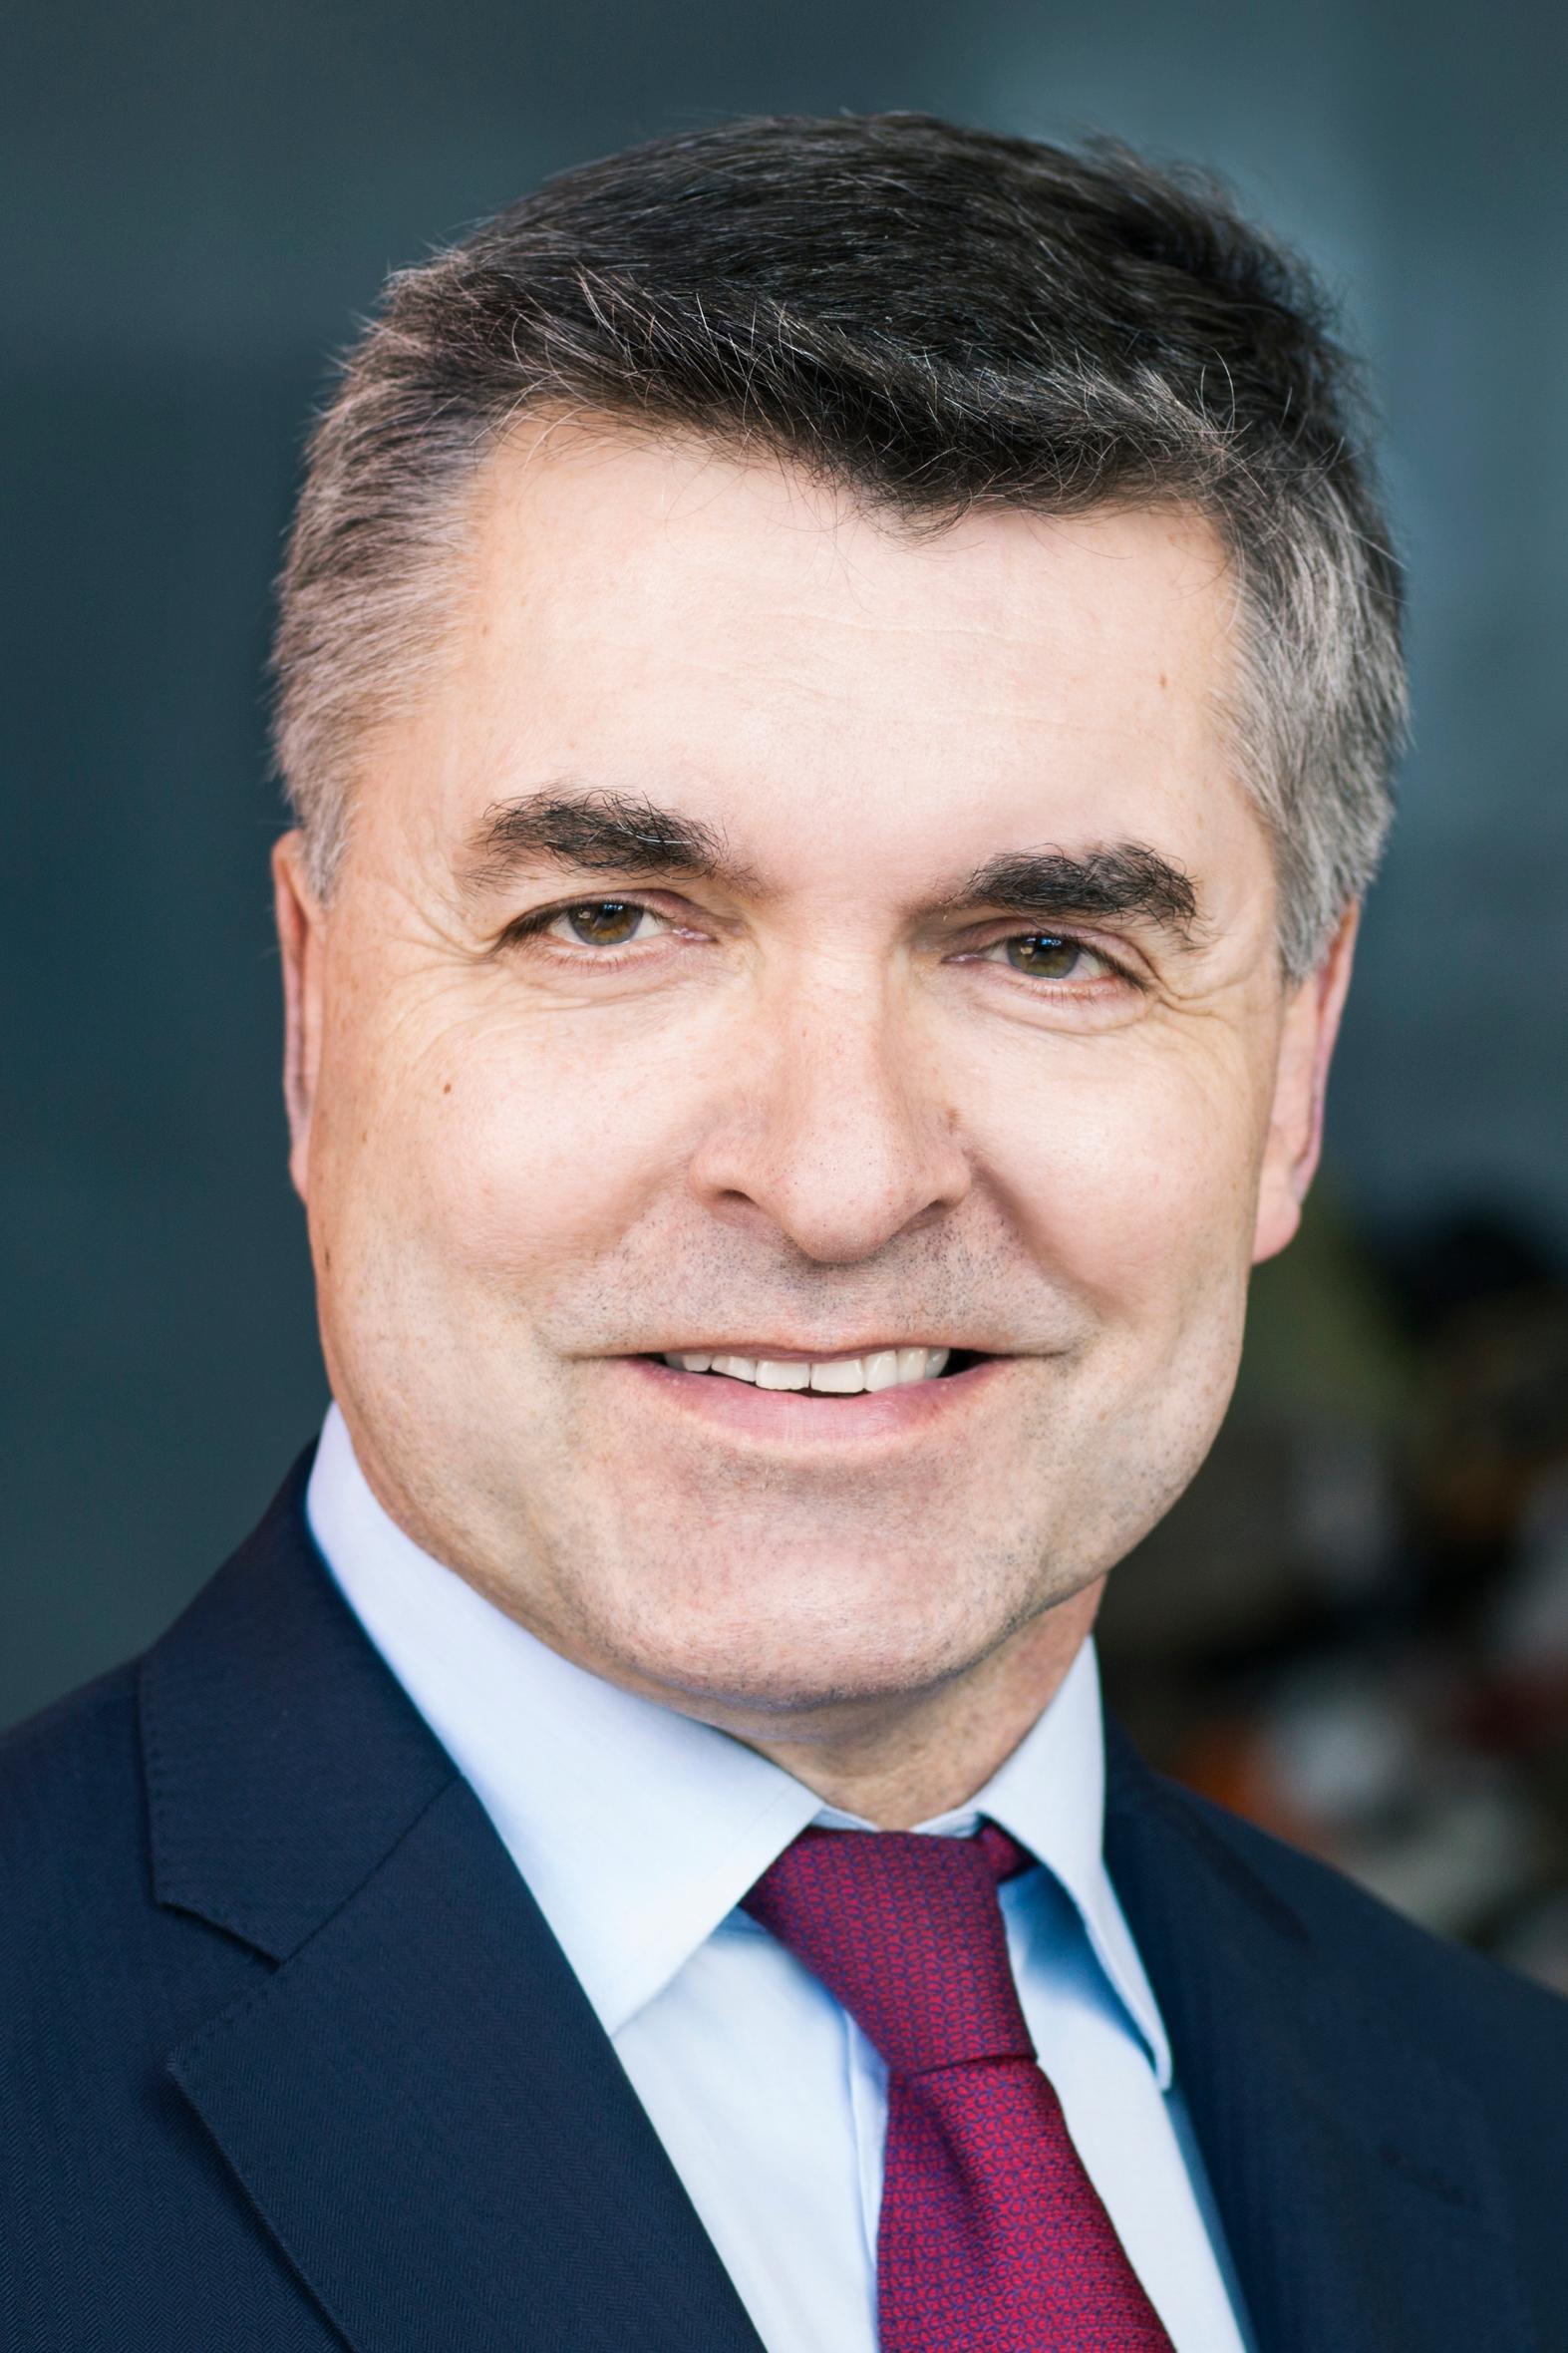 DR. BURKHARDT GREIFF